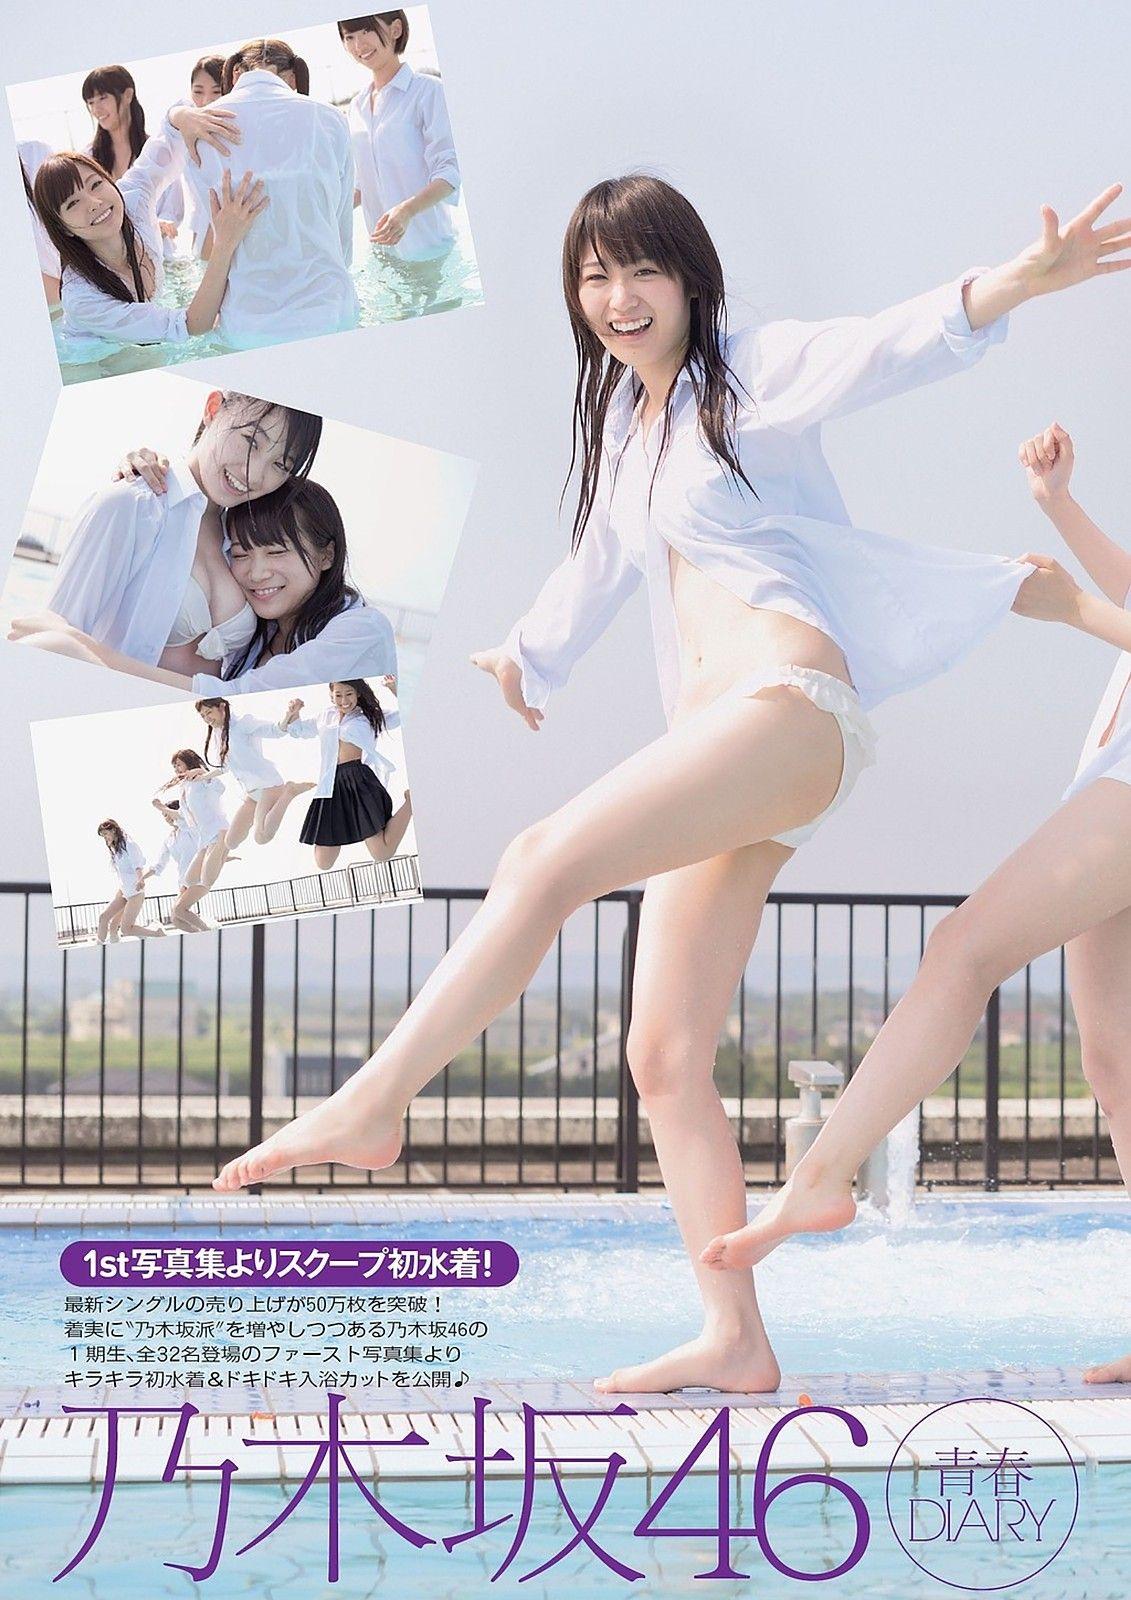 乃木坂46松村沙友理の写真集水着姿のエロ画像100枚・69枚目の画像